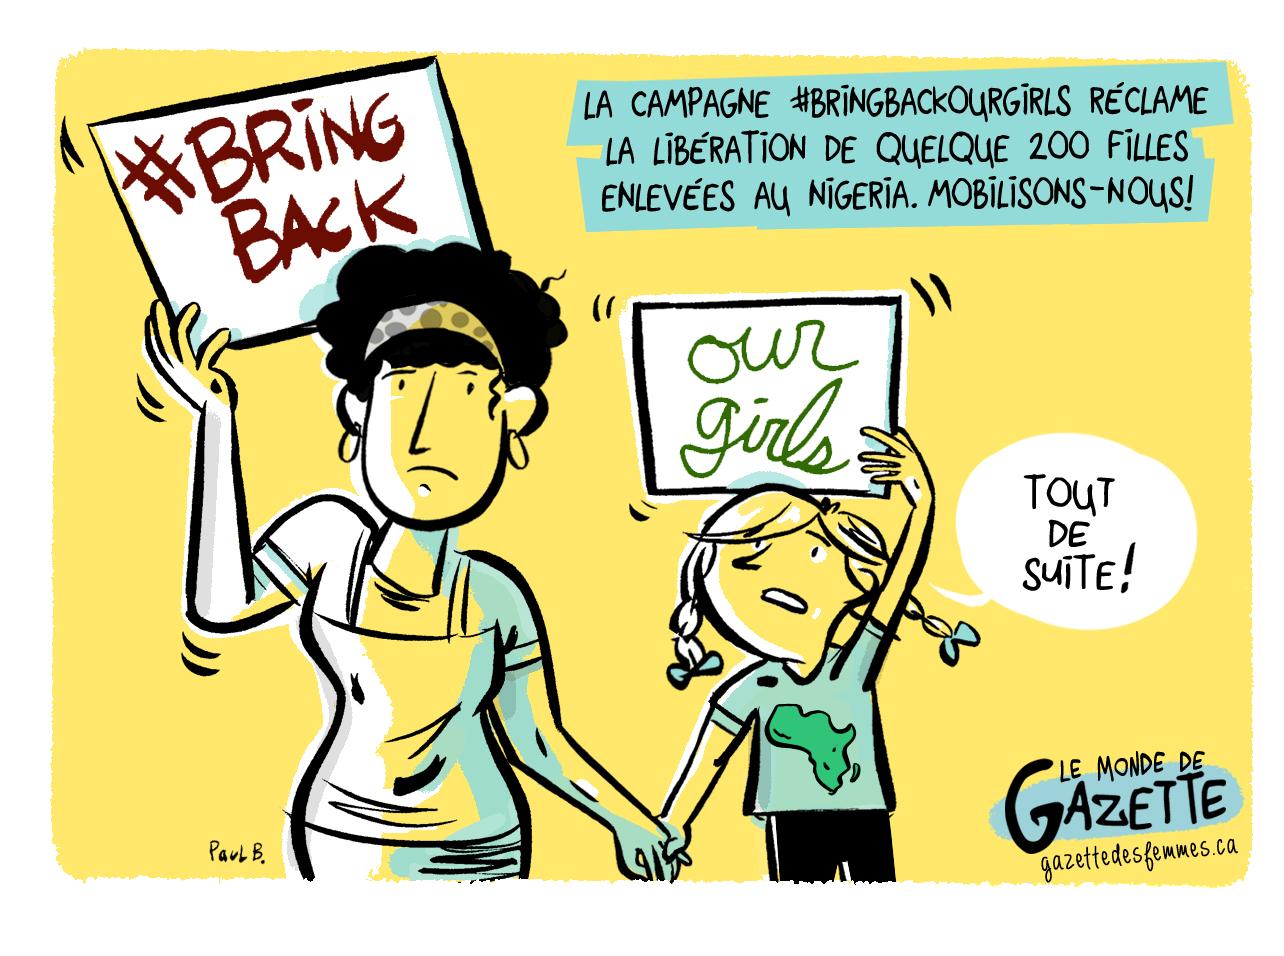 Illustration sur la Campagne jeunes filles enlevées au Nigéria.